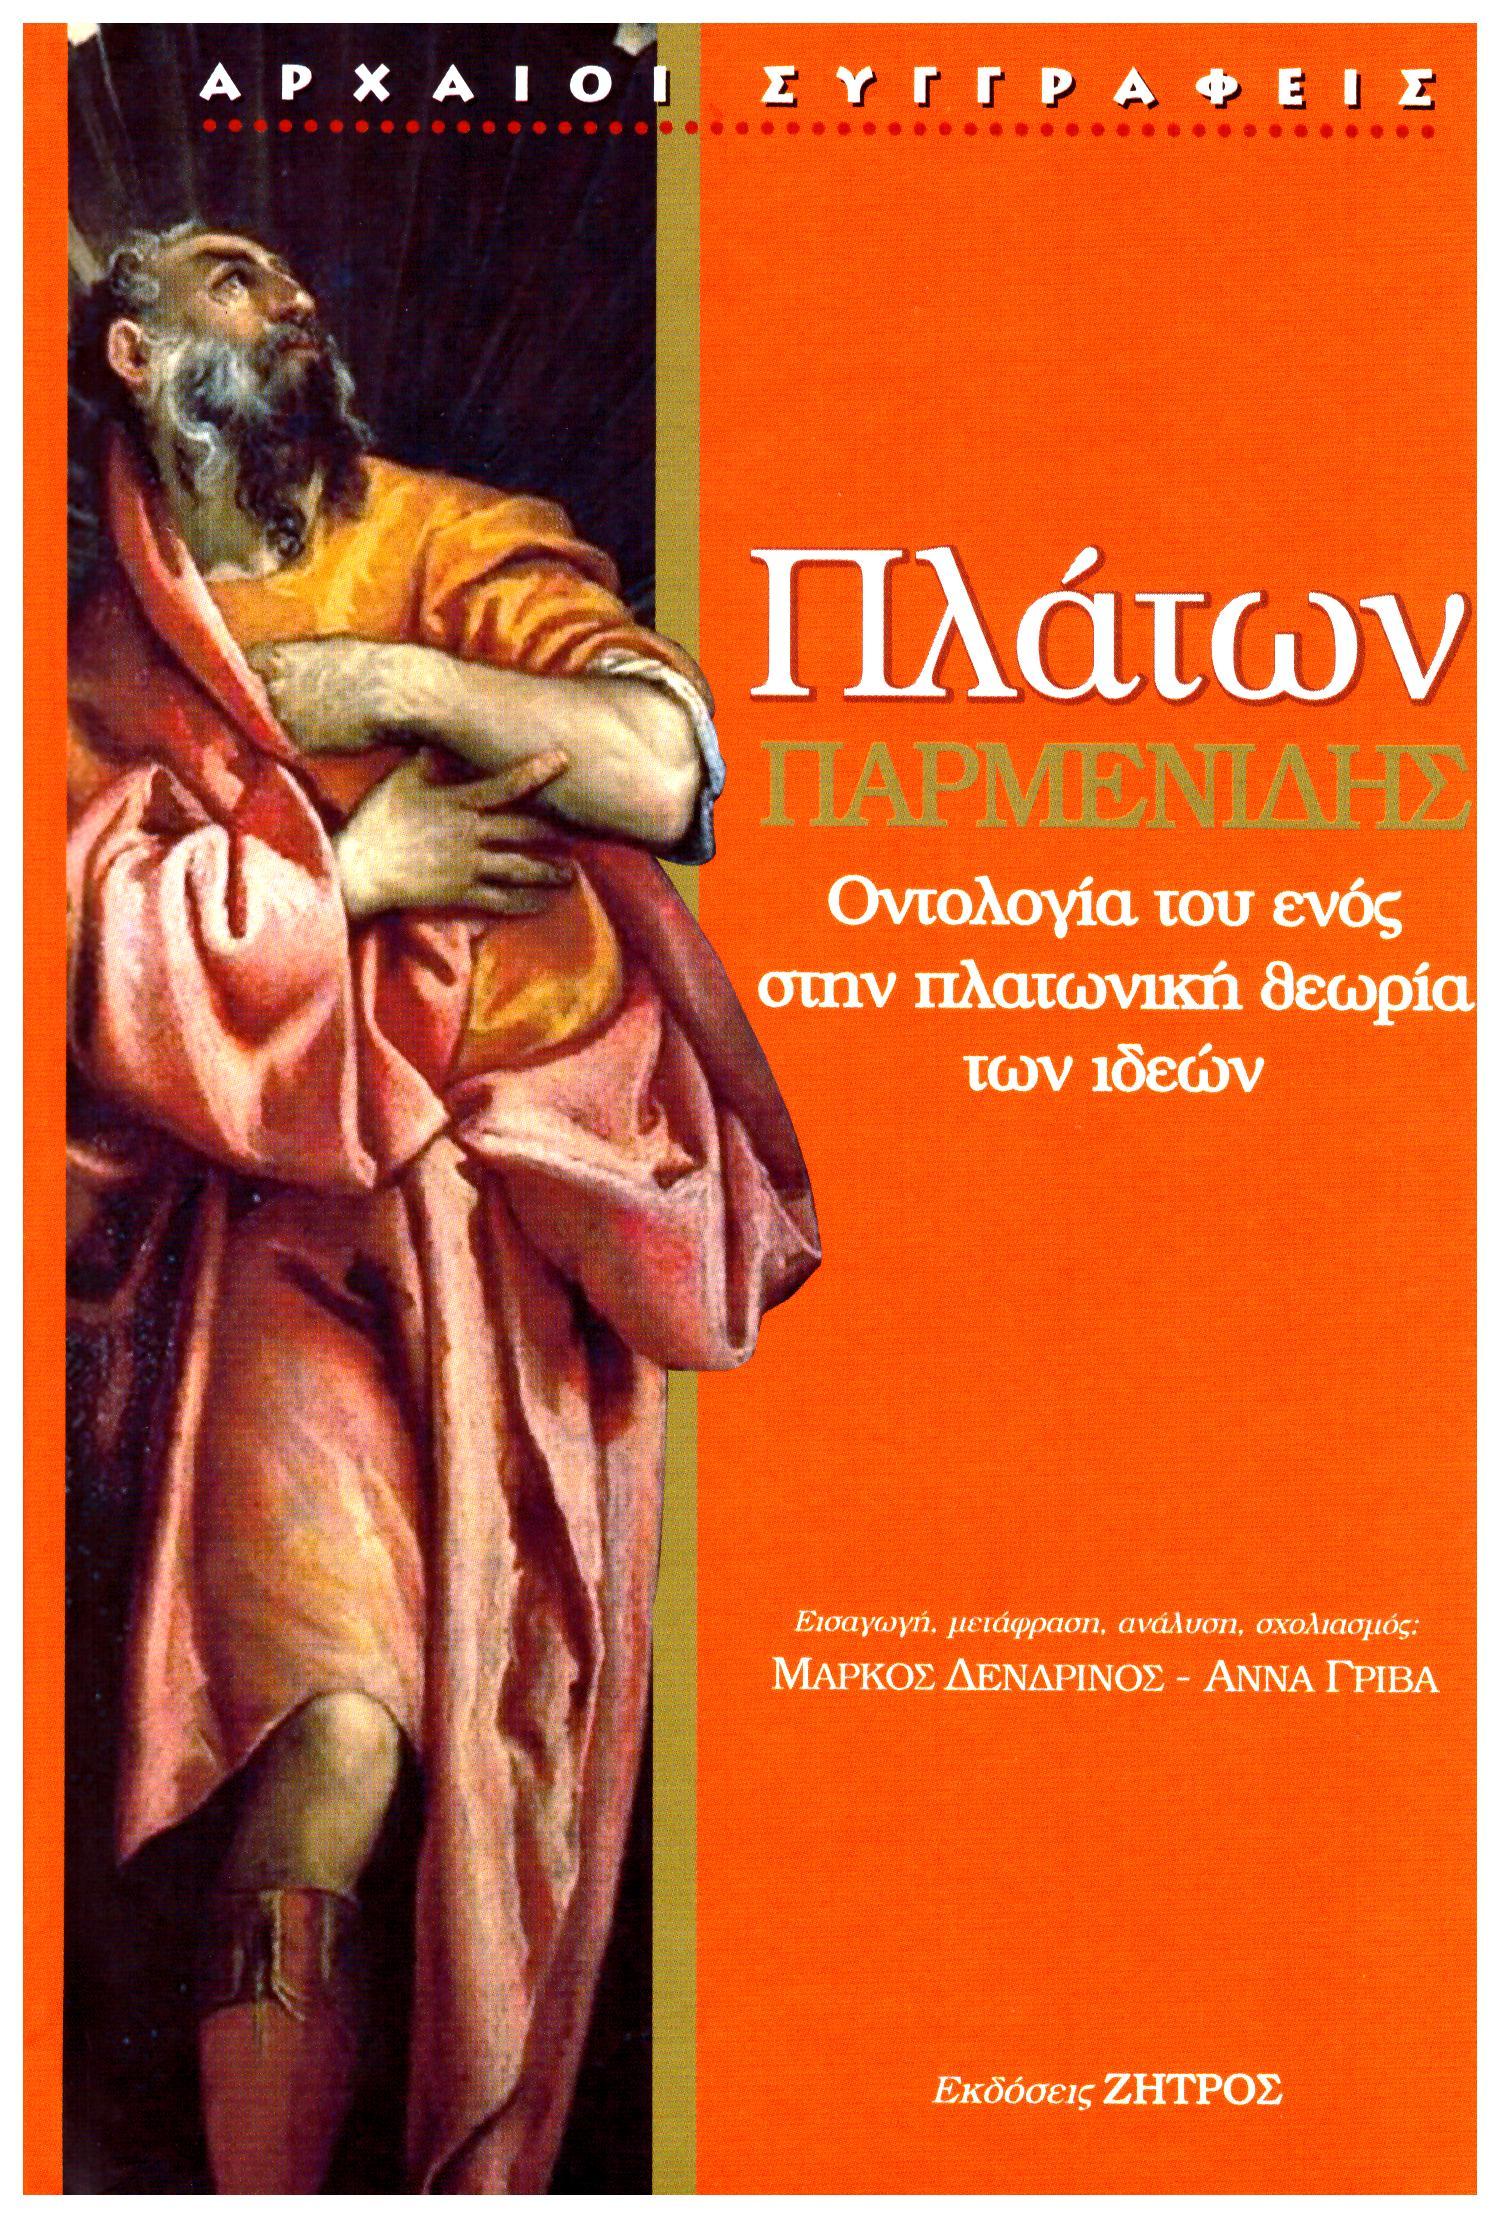 Παρμενίδης, Οντολογία του ενός στην πλατωνική θεωρία των ιδεών, Πλάτων, Ζήτρος, 2021